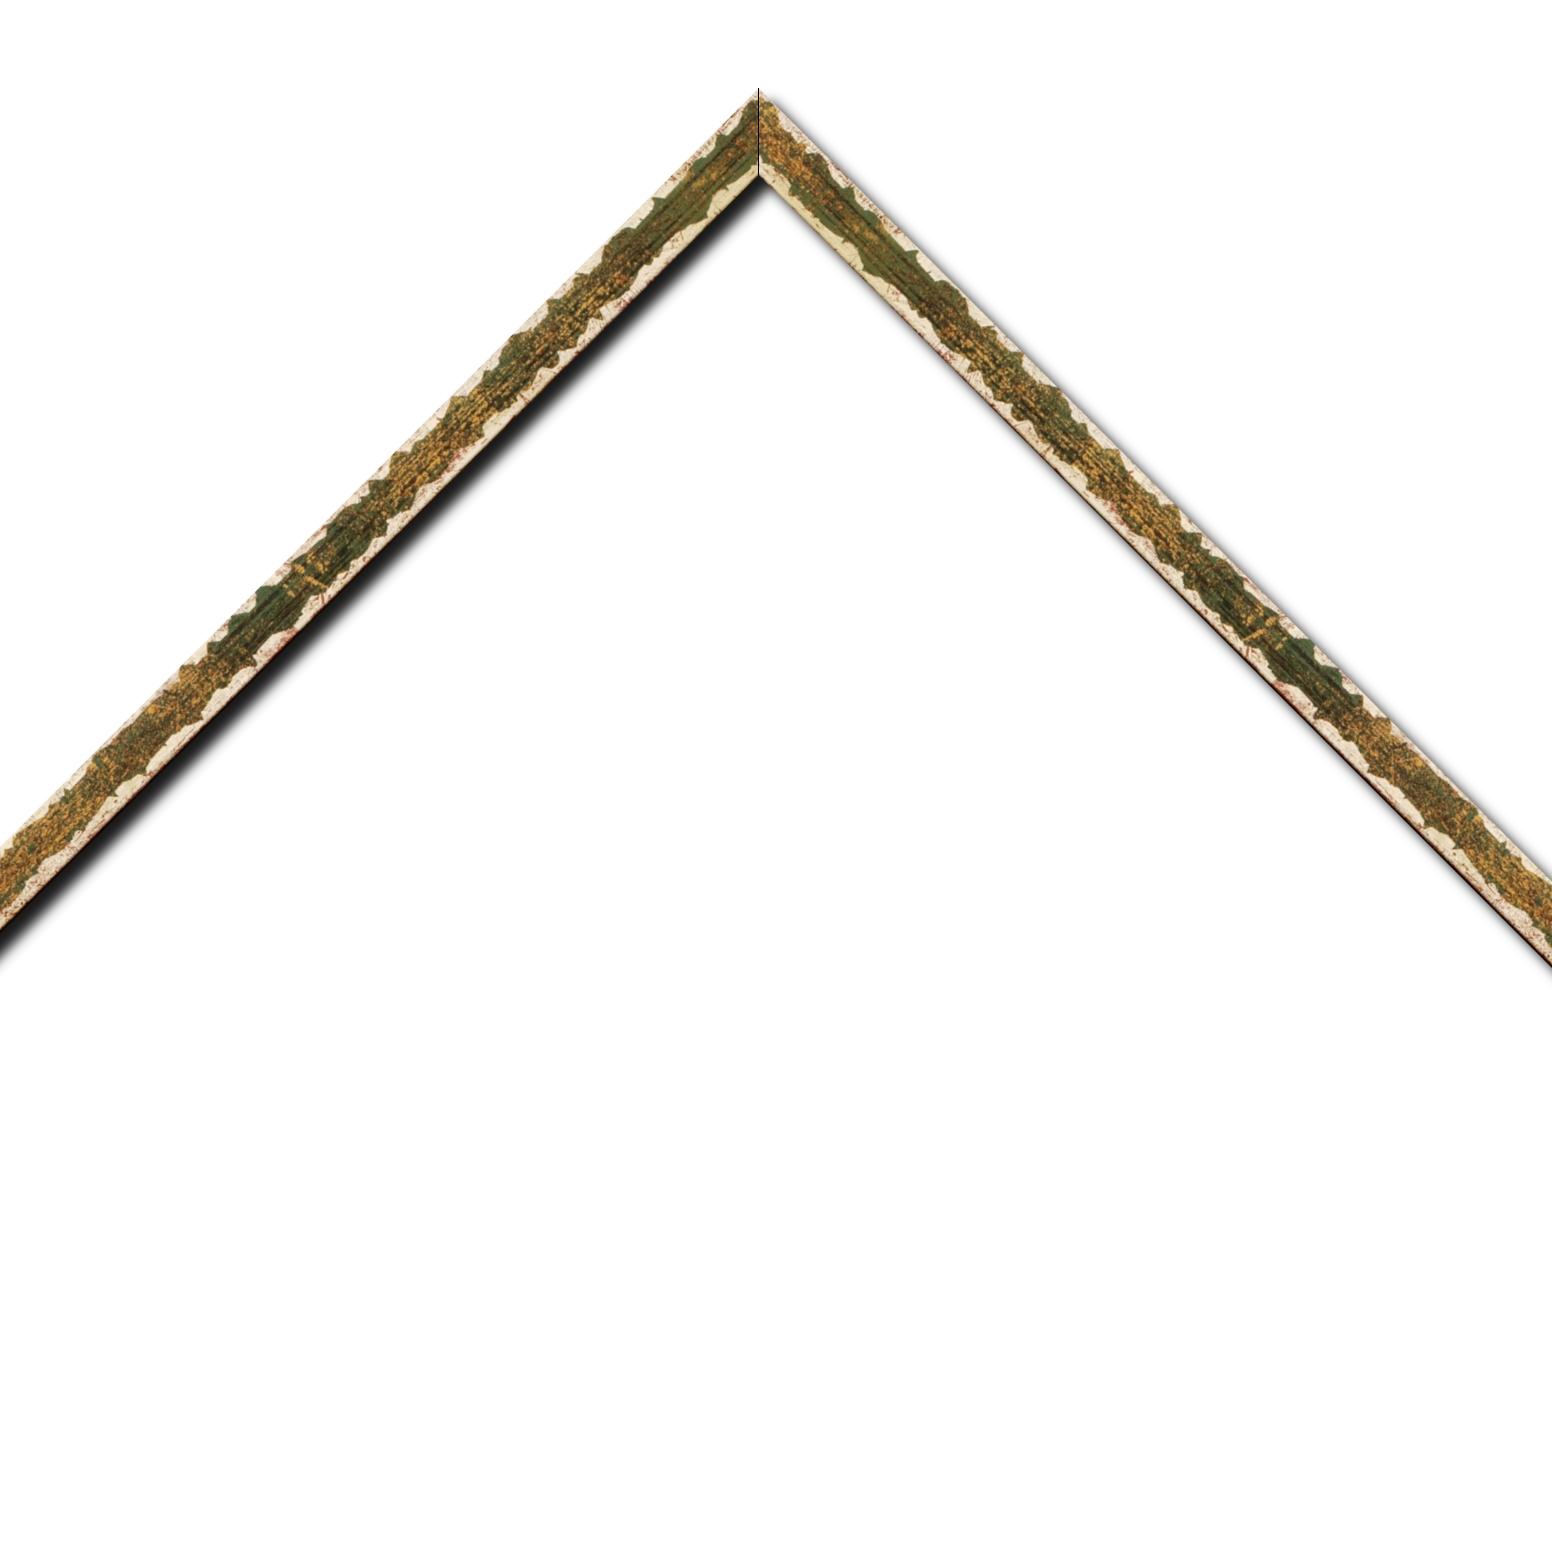 Baguette bois profil plat largeur 1.5cm couleur vert fond or ,bord or déstructuré ( extérieur du cadre ton bois marron)